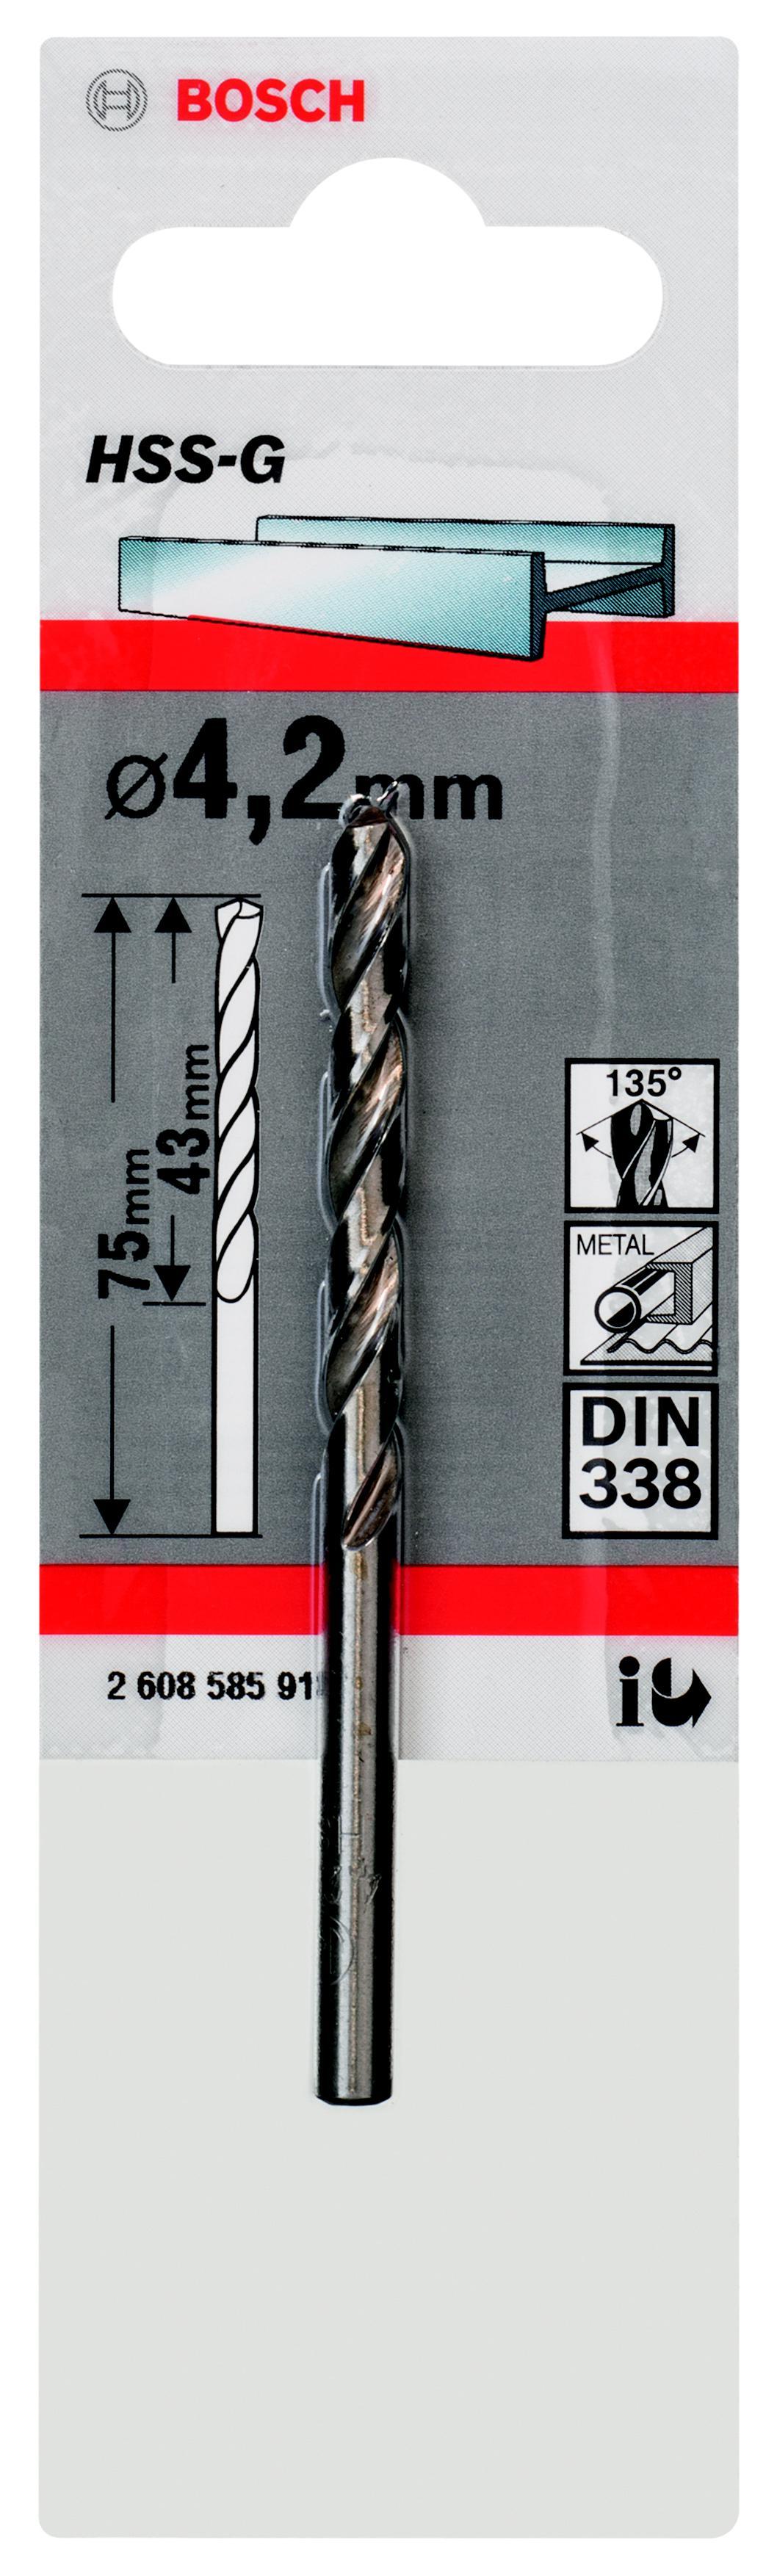 Сверло Bosch 1 hss-g (2.608.585.918) пила bosch gks 65 g professional